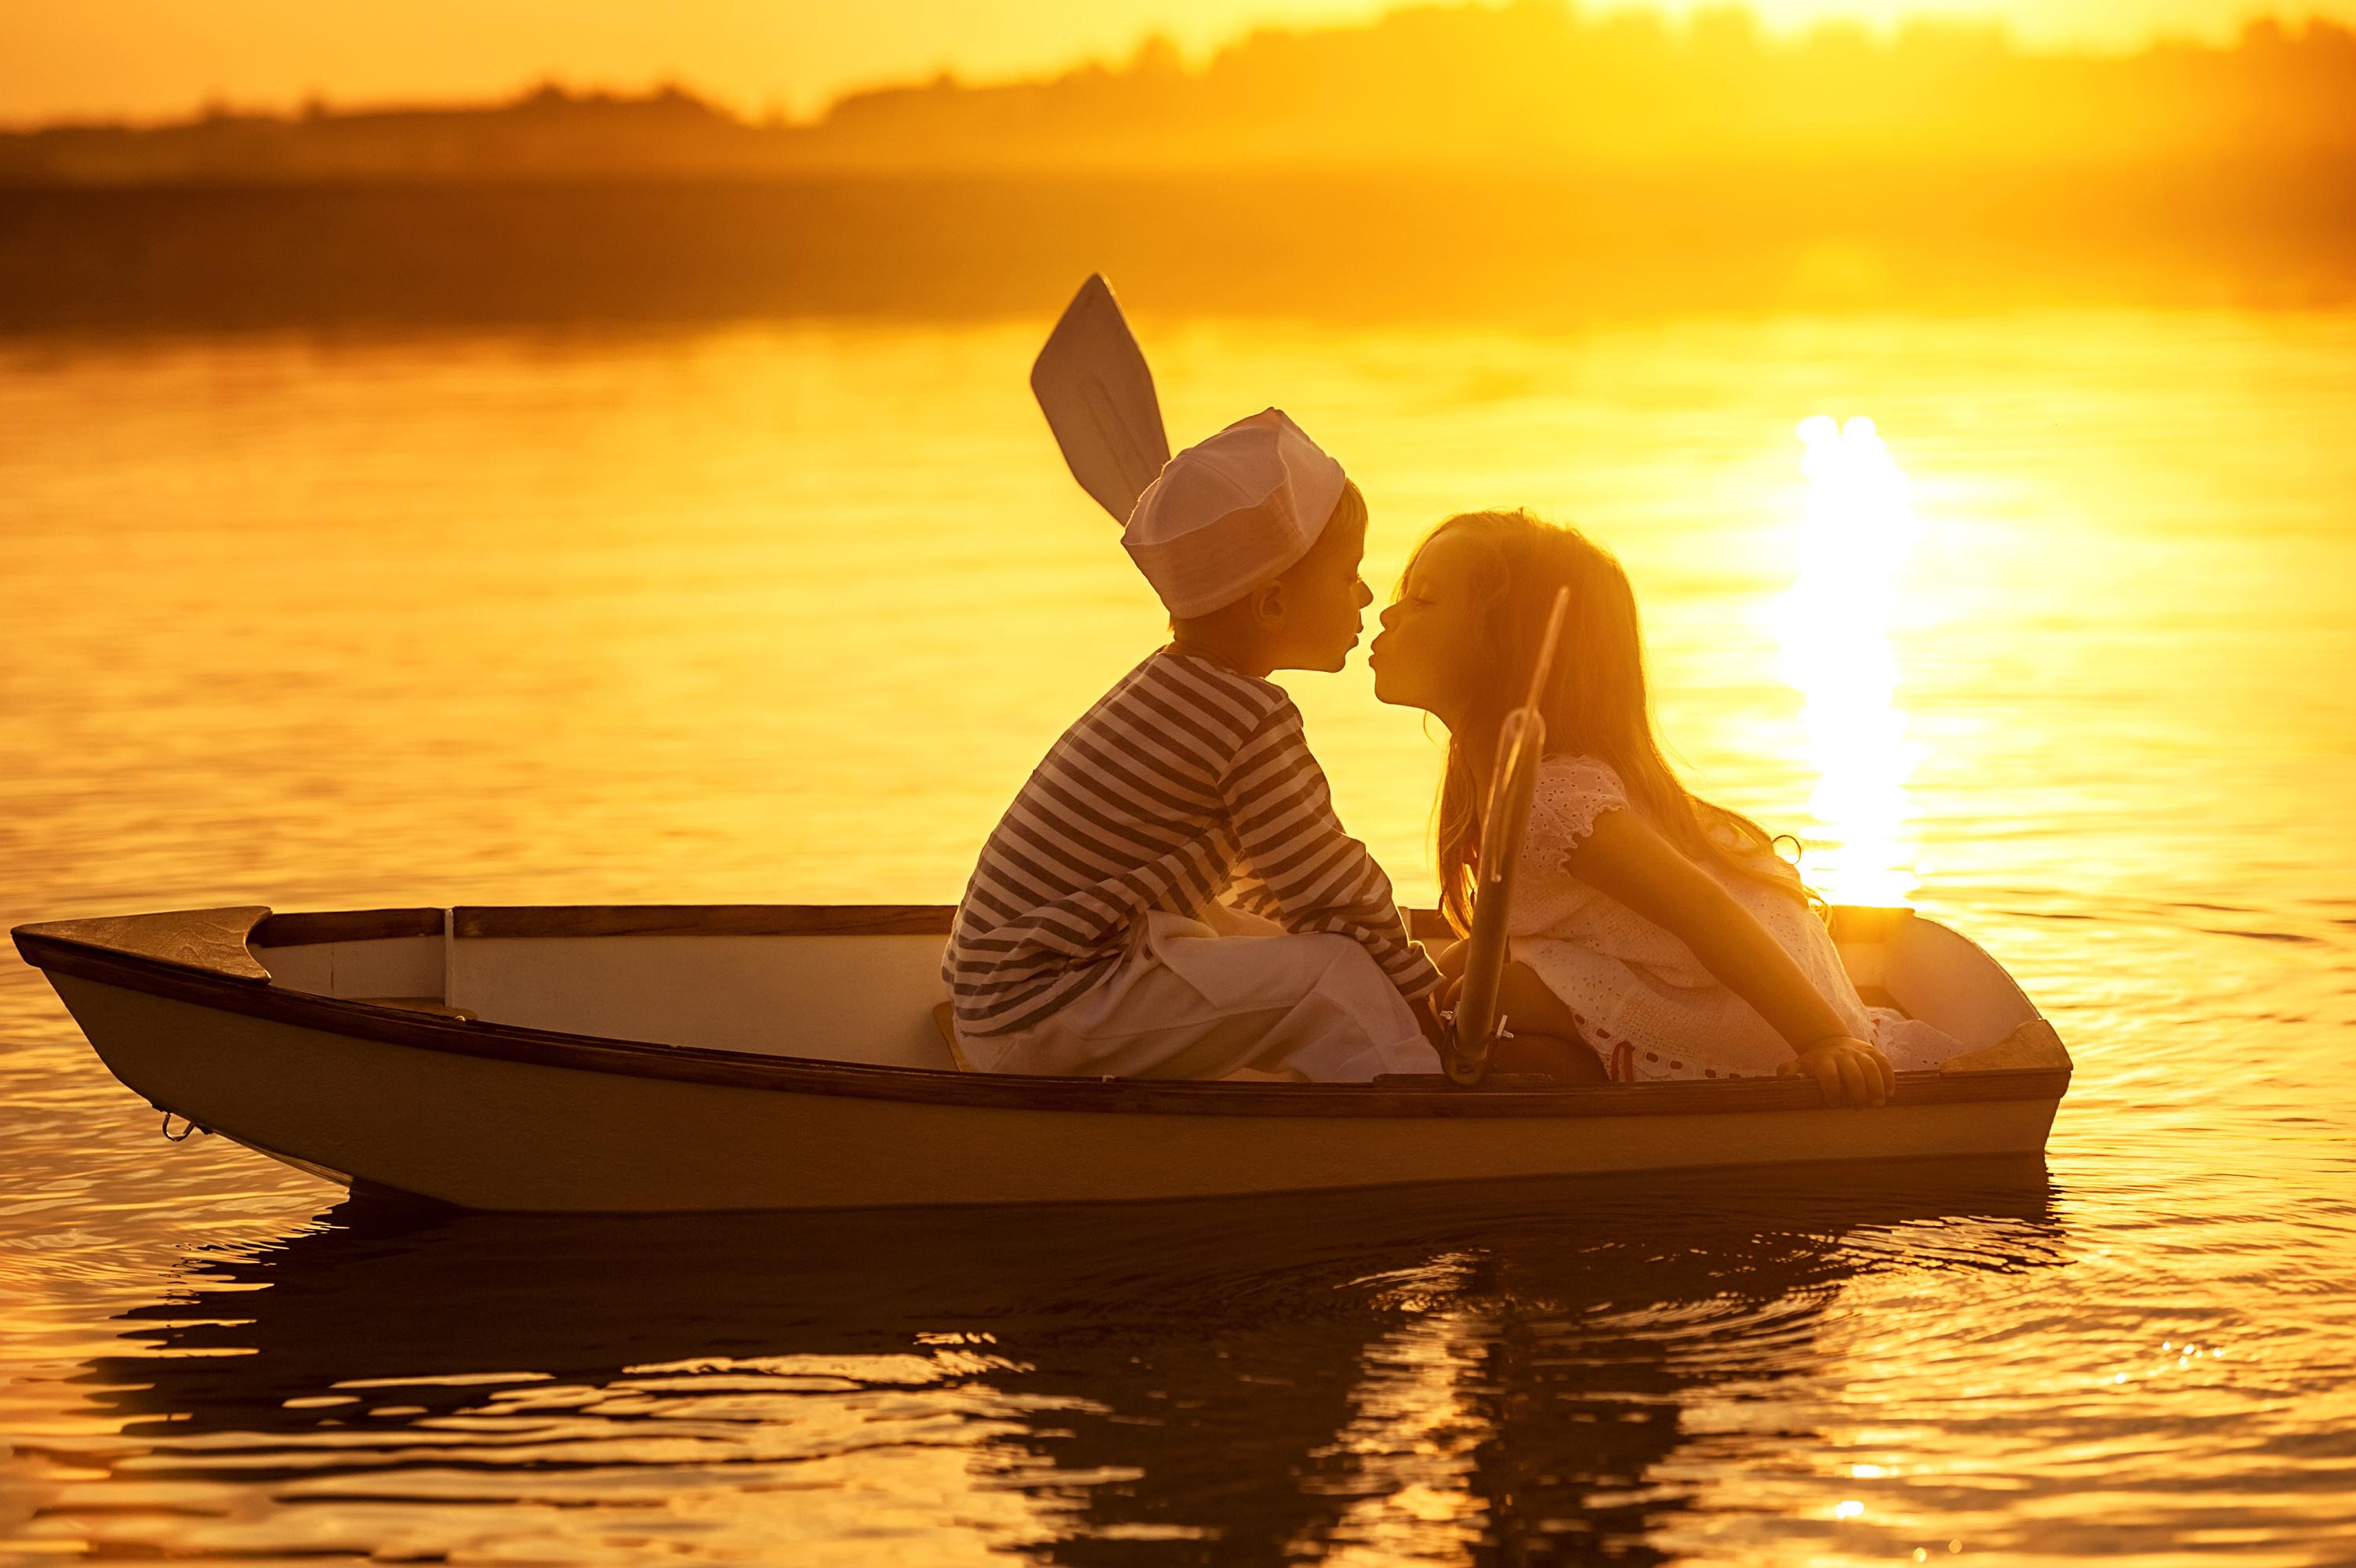 двое на лодке картинки думала, что концу